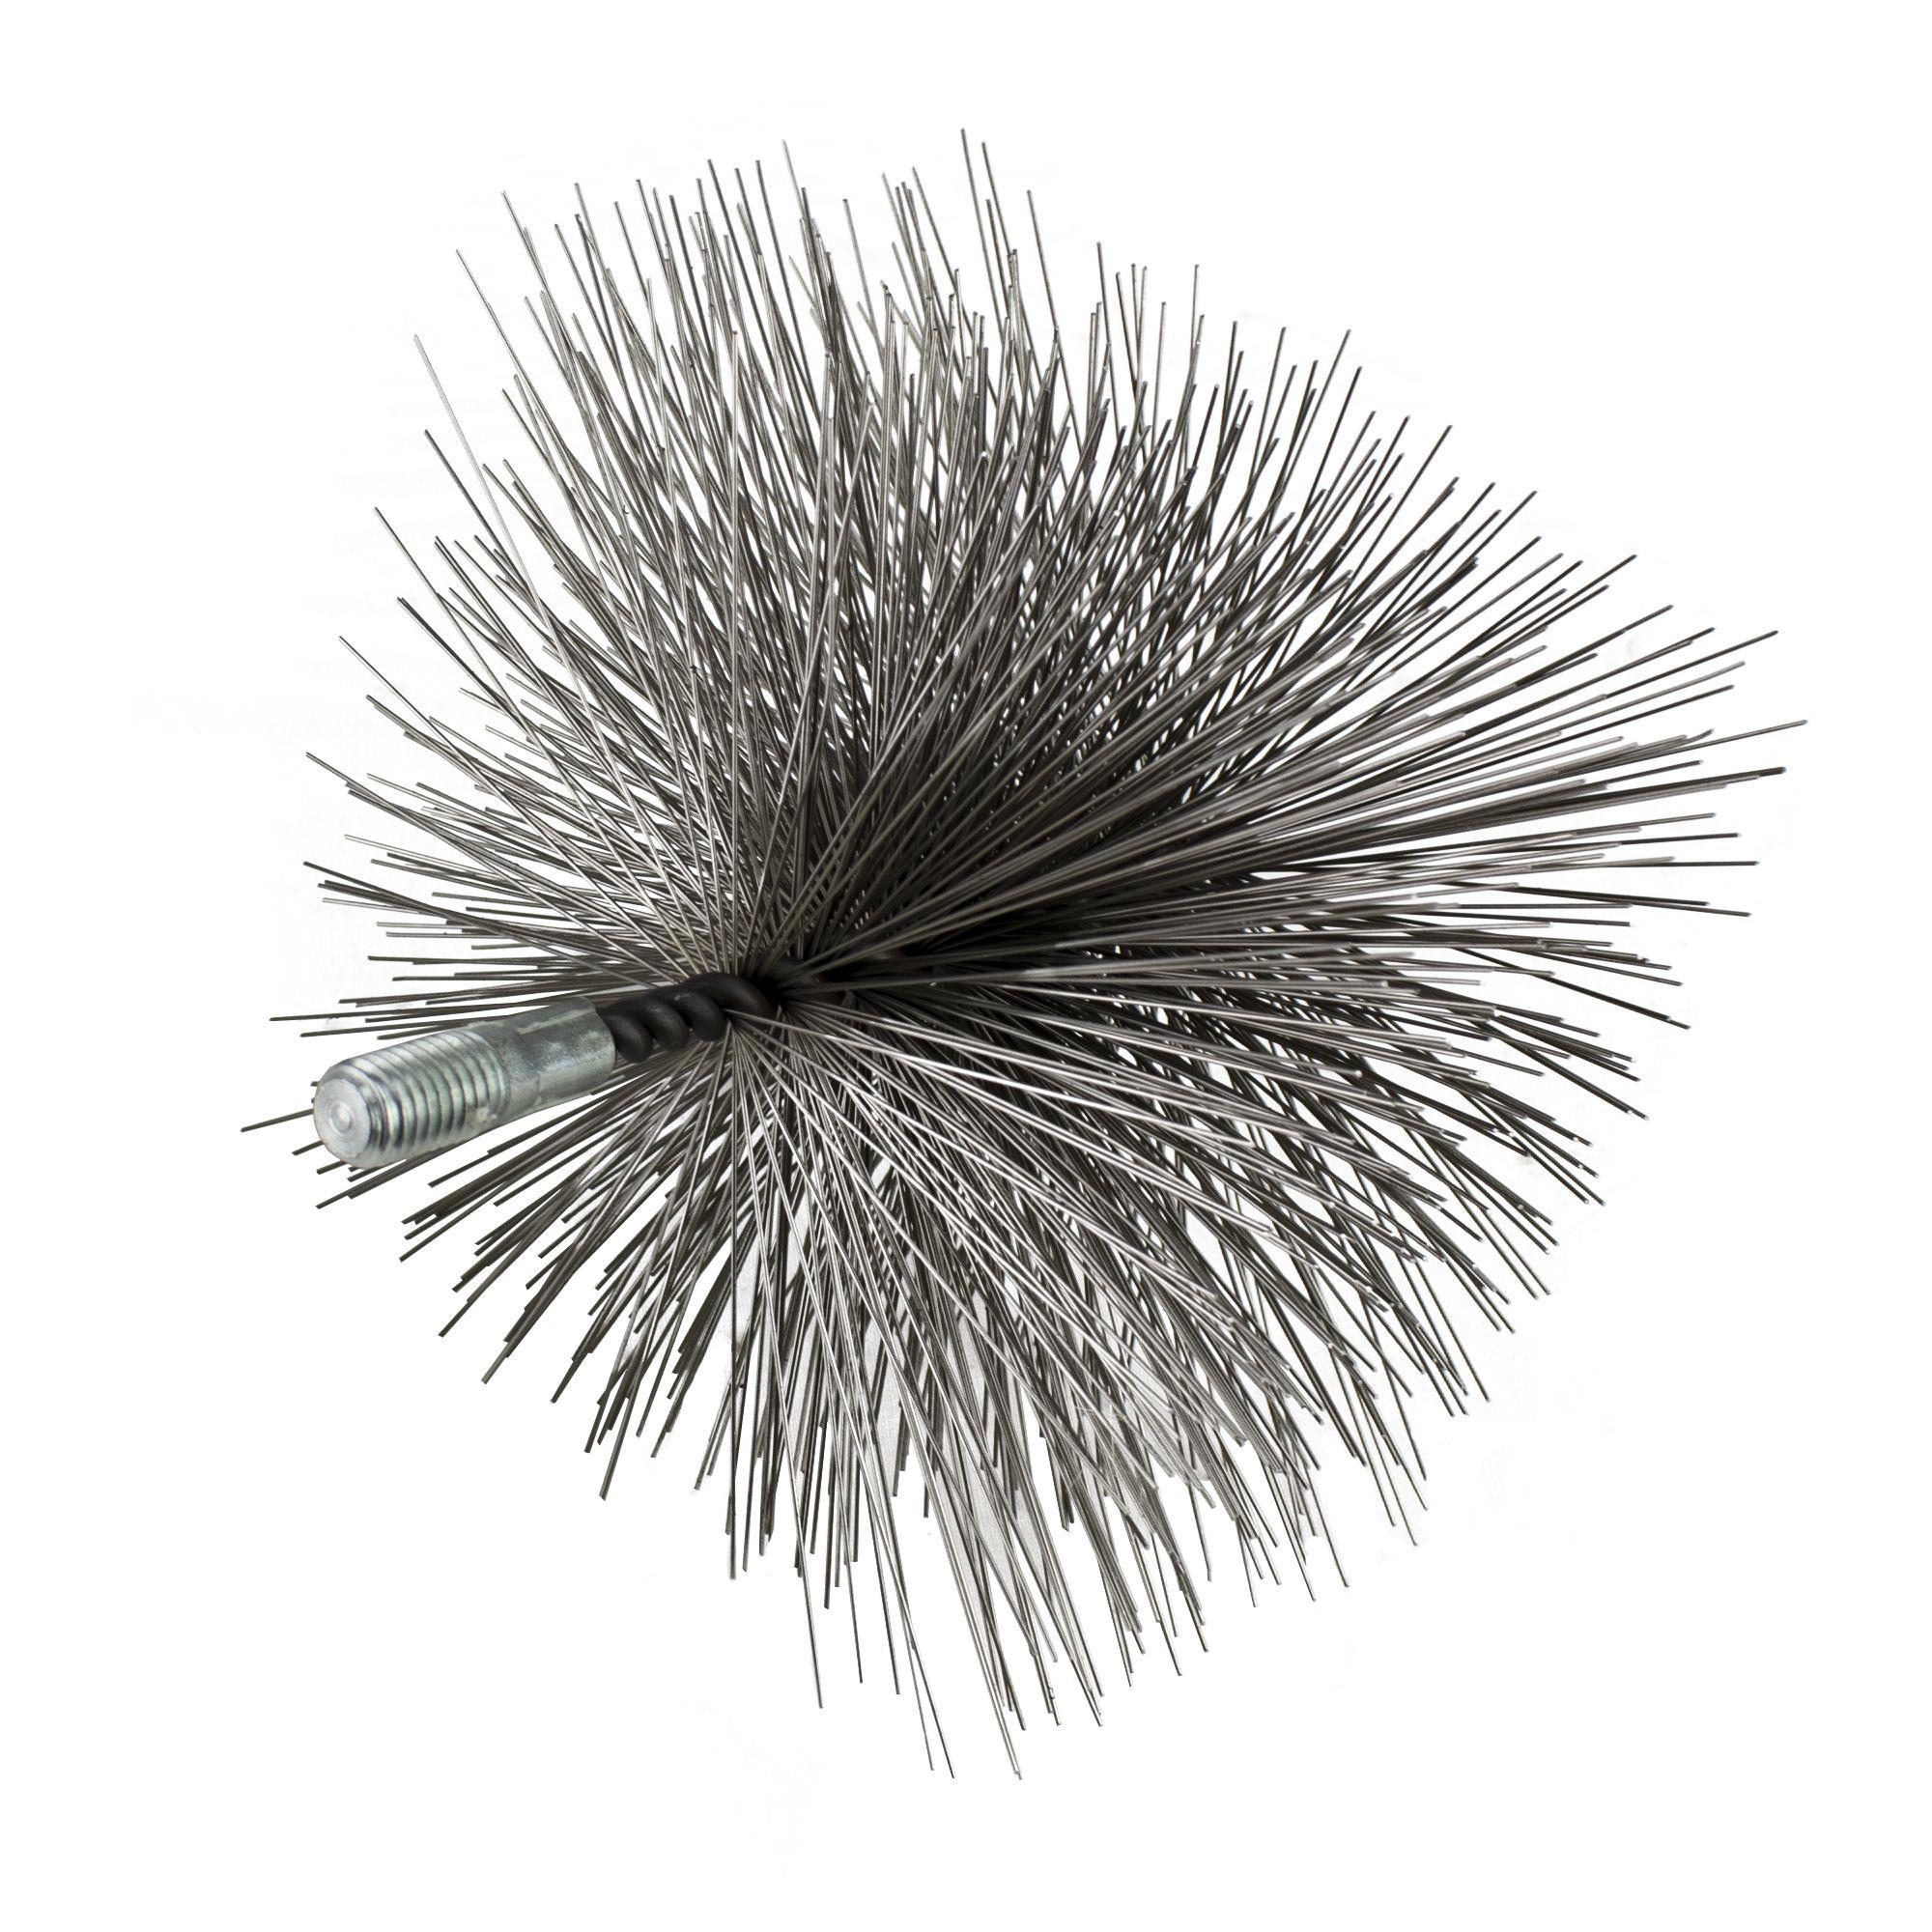 Komínový kartáč hranatý, ocelový drát, rozměr 150 x 150mm